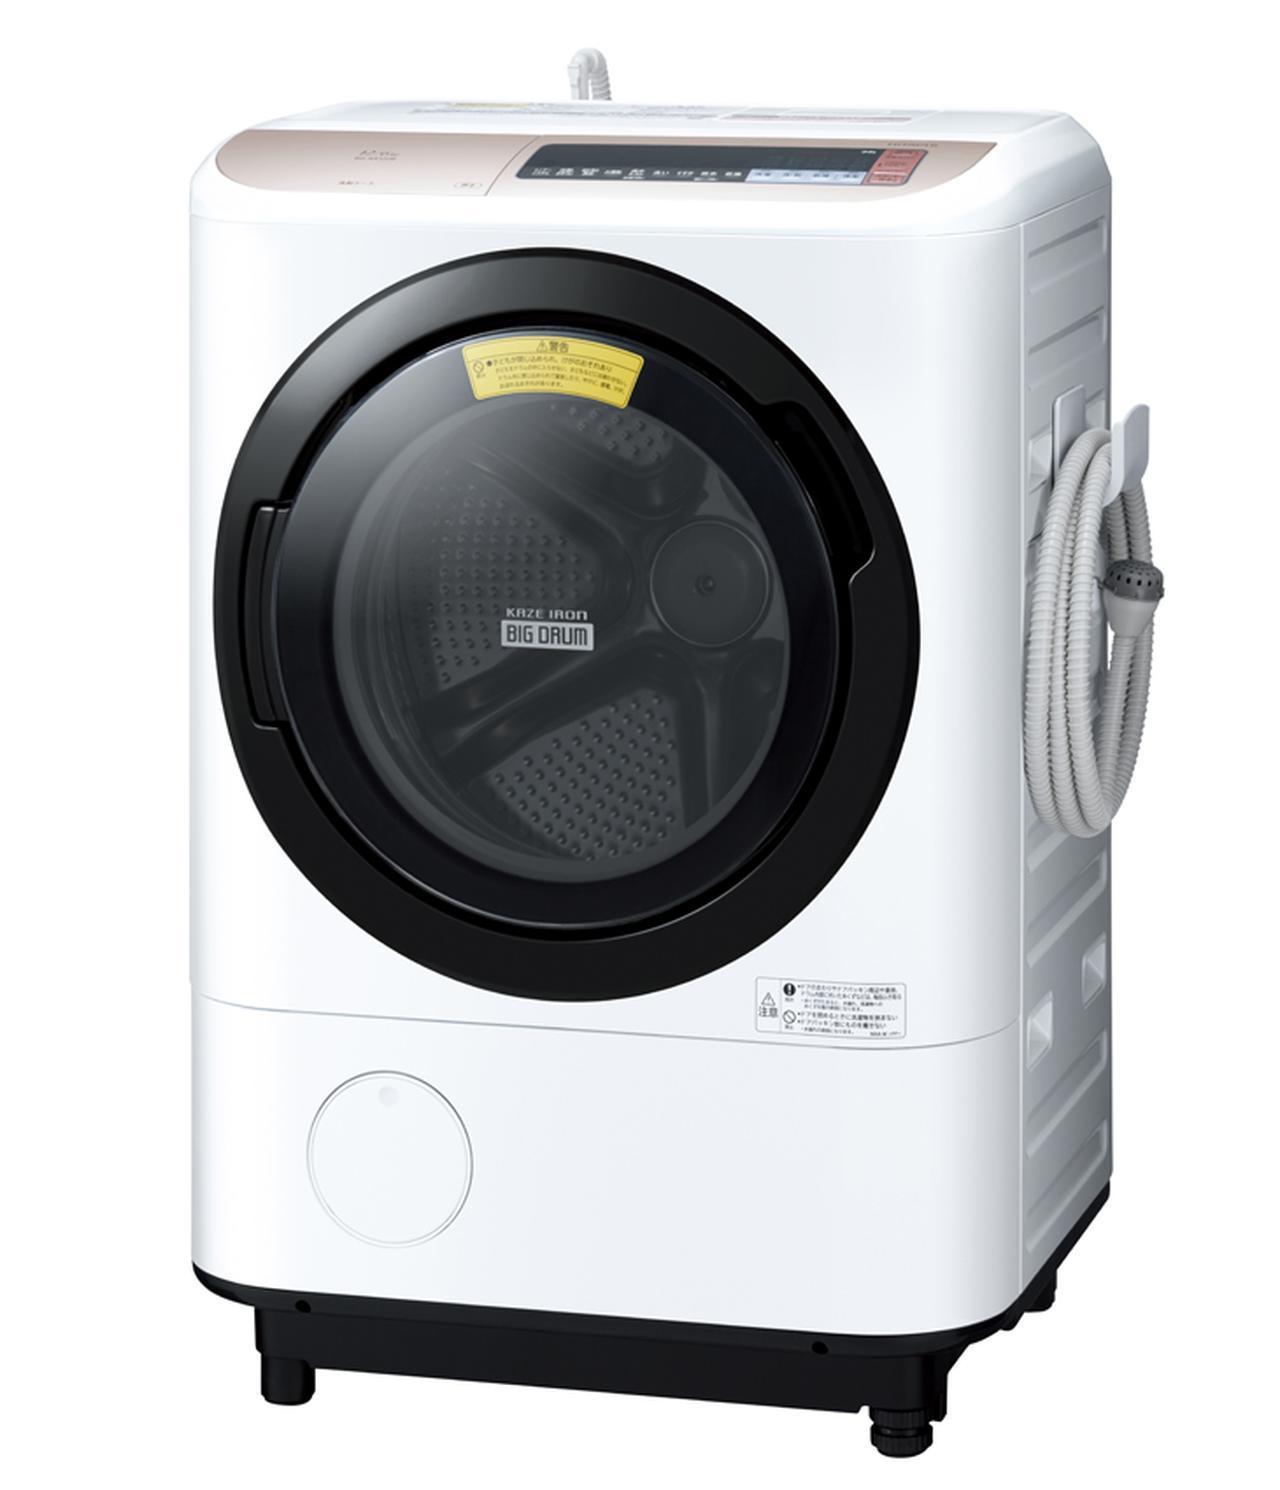 画像: 業界最大となる洗濯12キロを実現。風アイロンも魅力